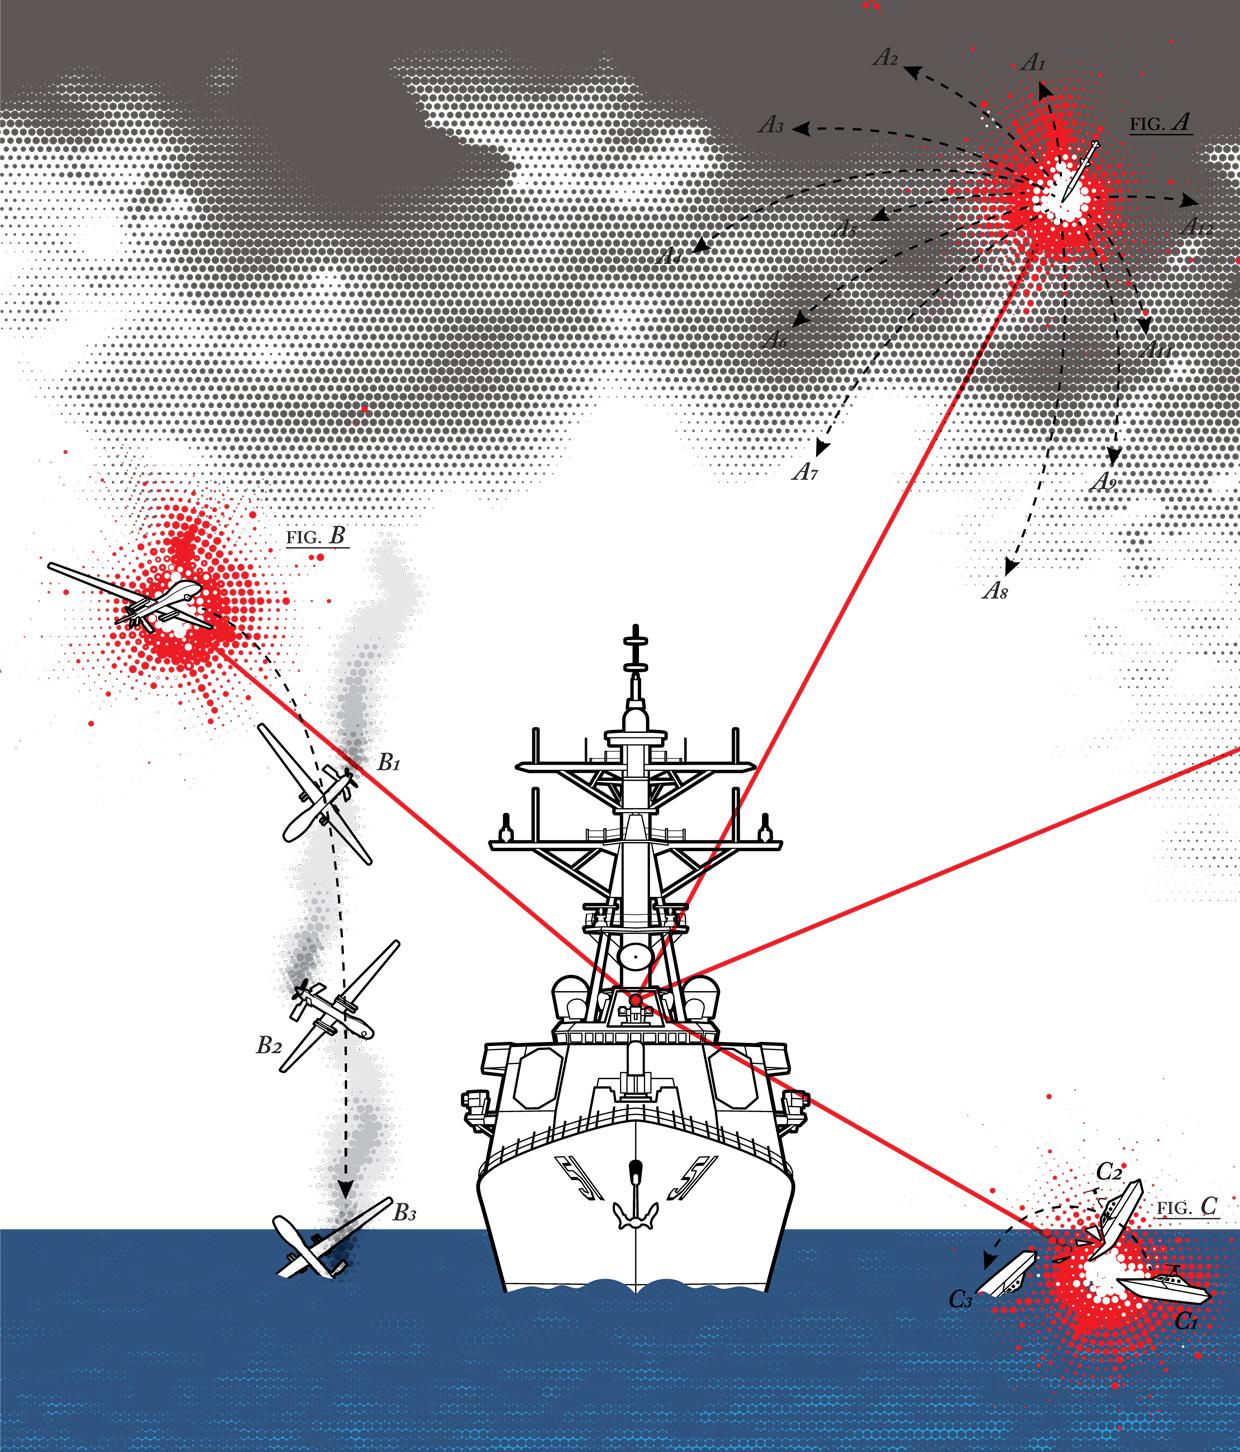 Совершенствование оптоволоконных лазеров означает скорое появление лучевого оружия - 1